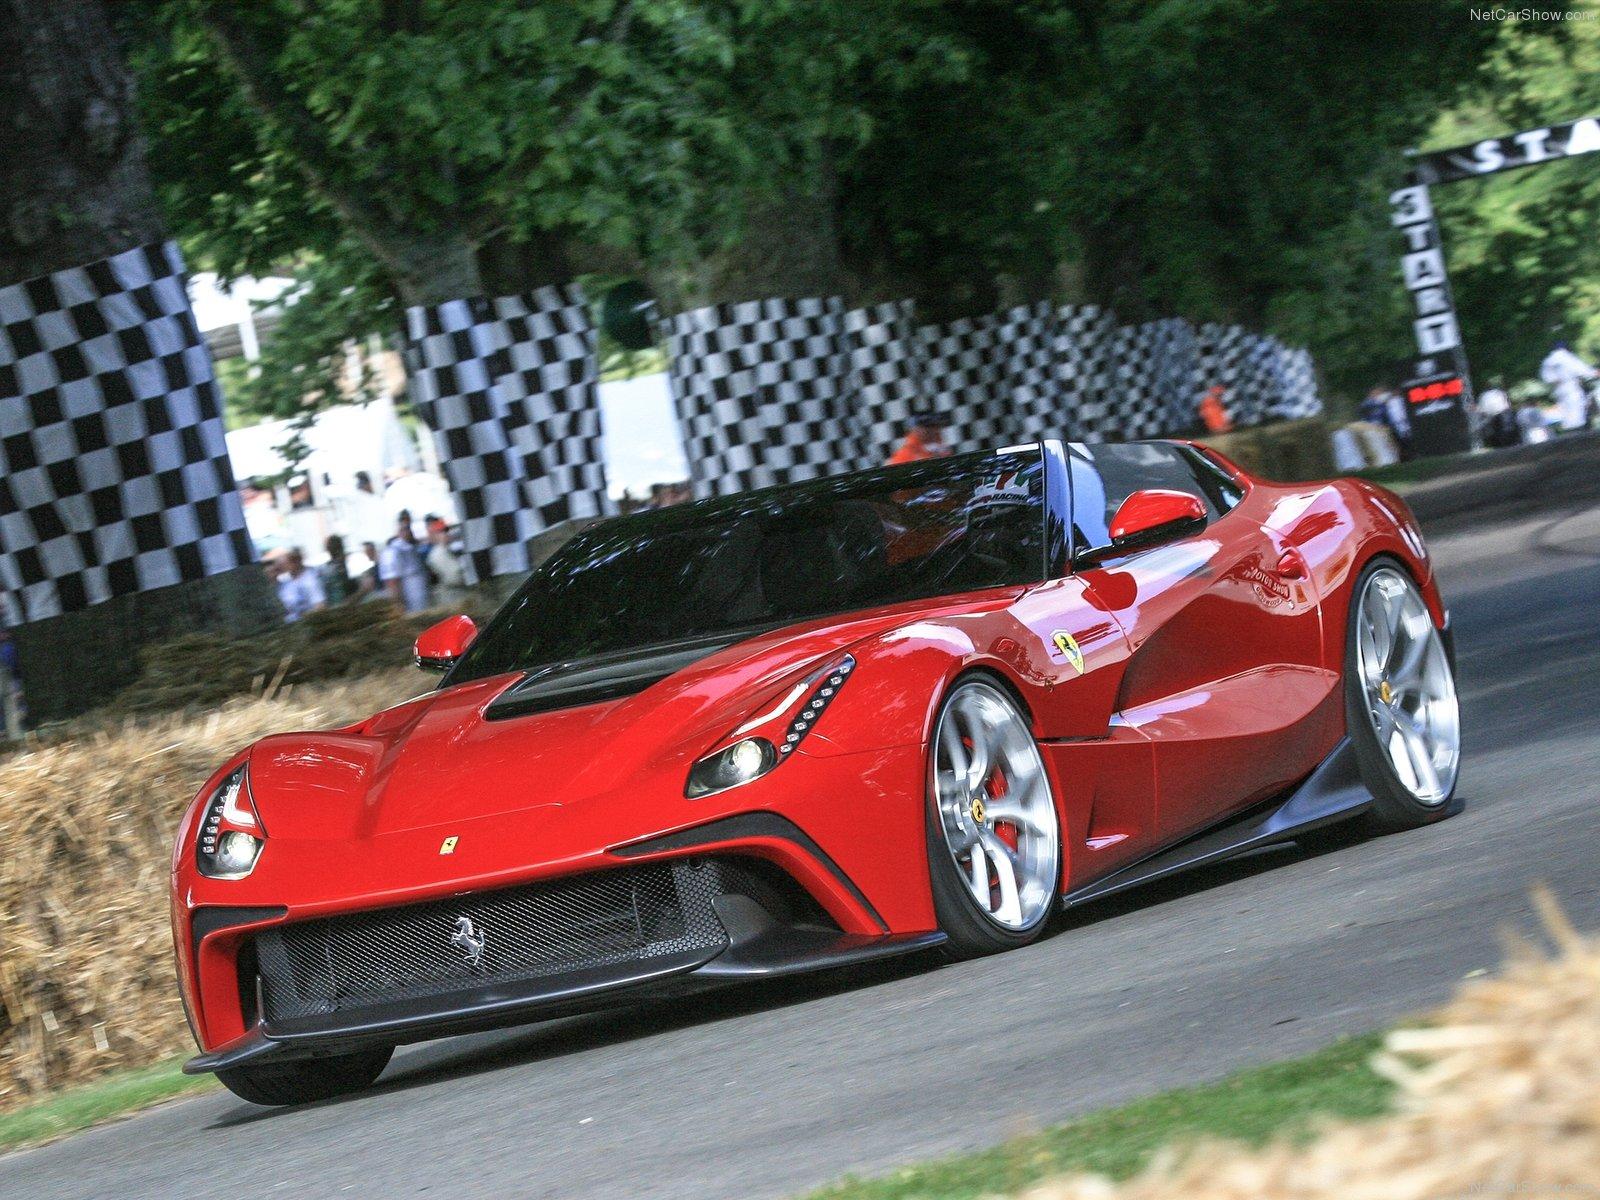 Hình ảnh siêu xe Ferrari F12 TRS 2014 & nội ngoại thất